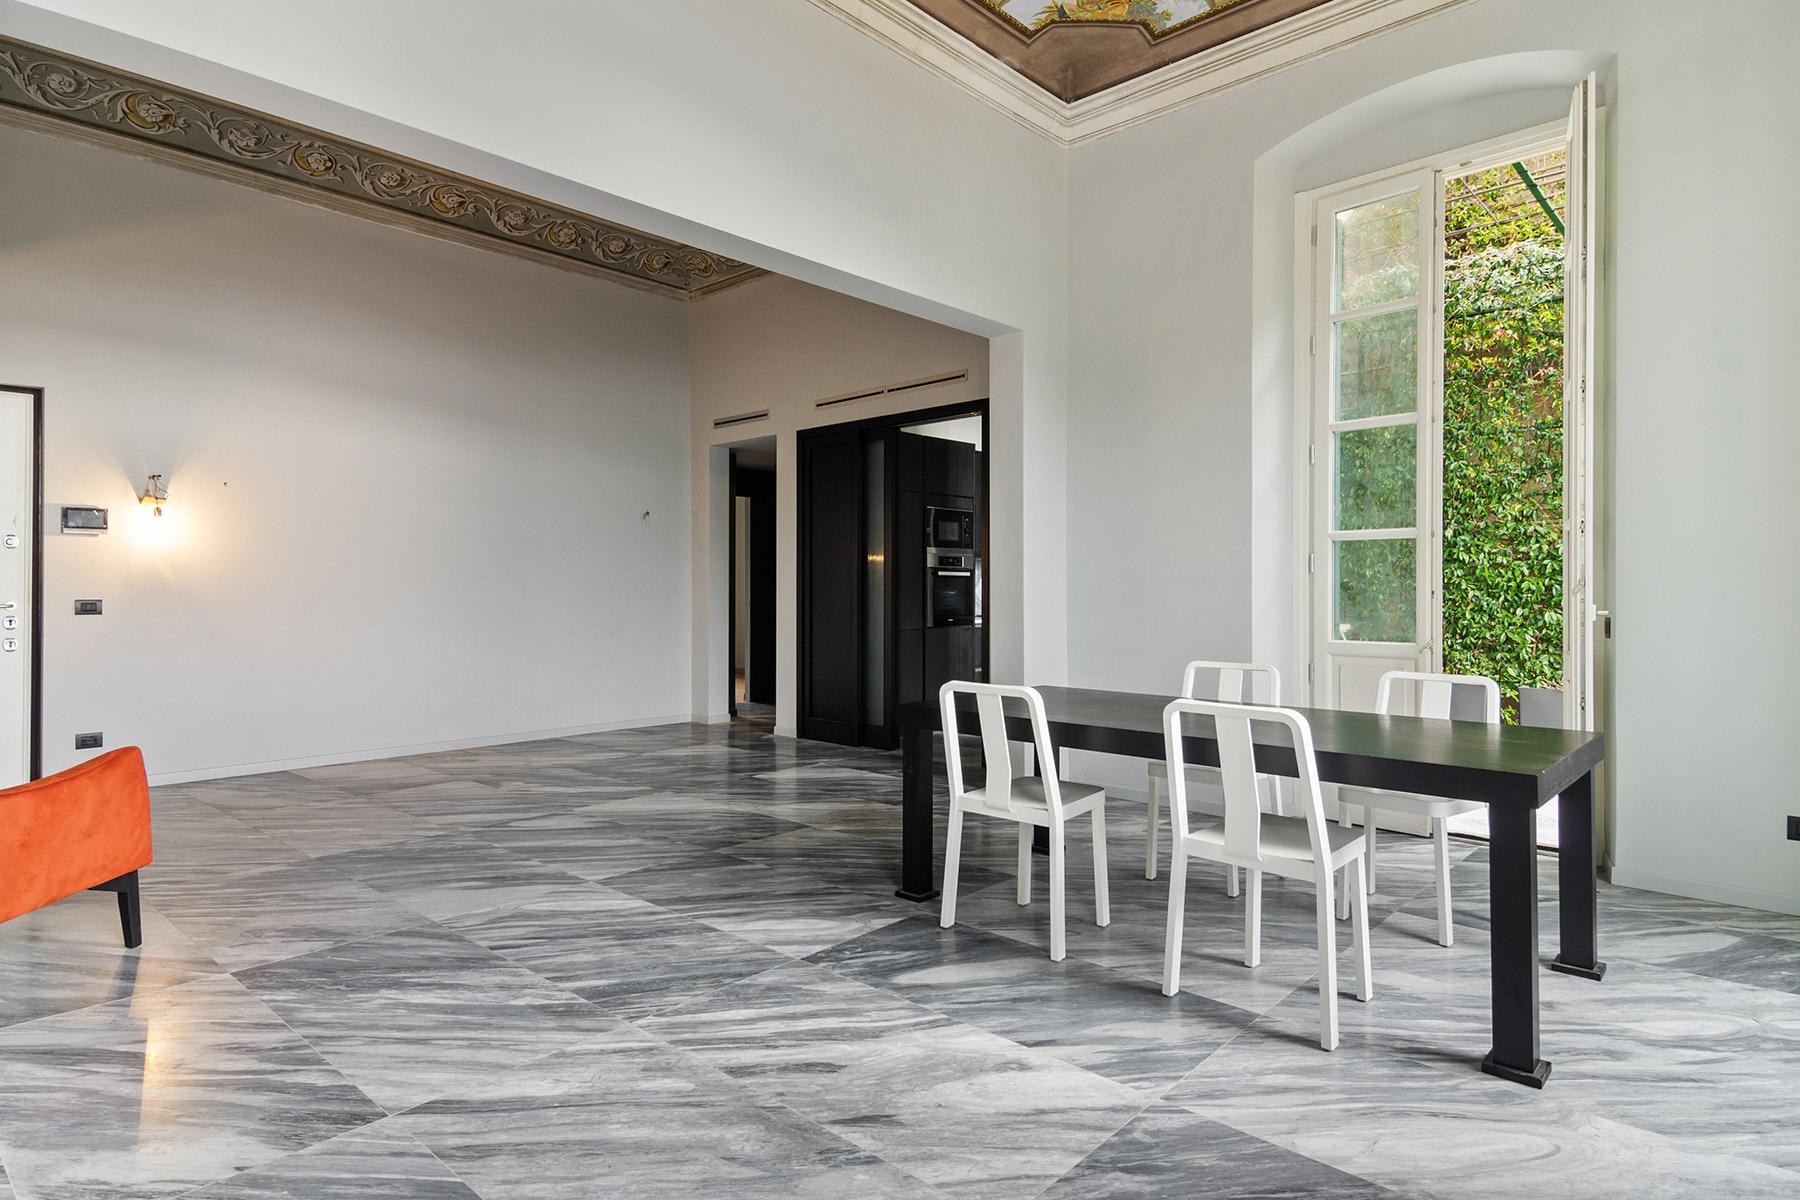 Appartamento in Vendita a Santa Margherita Ligure: 5 locali, 150 mq - Foto 6